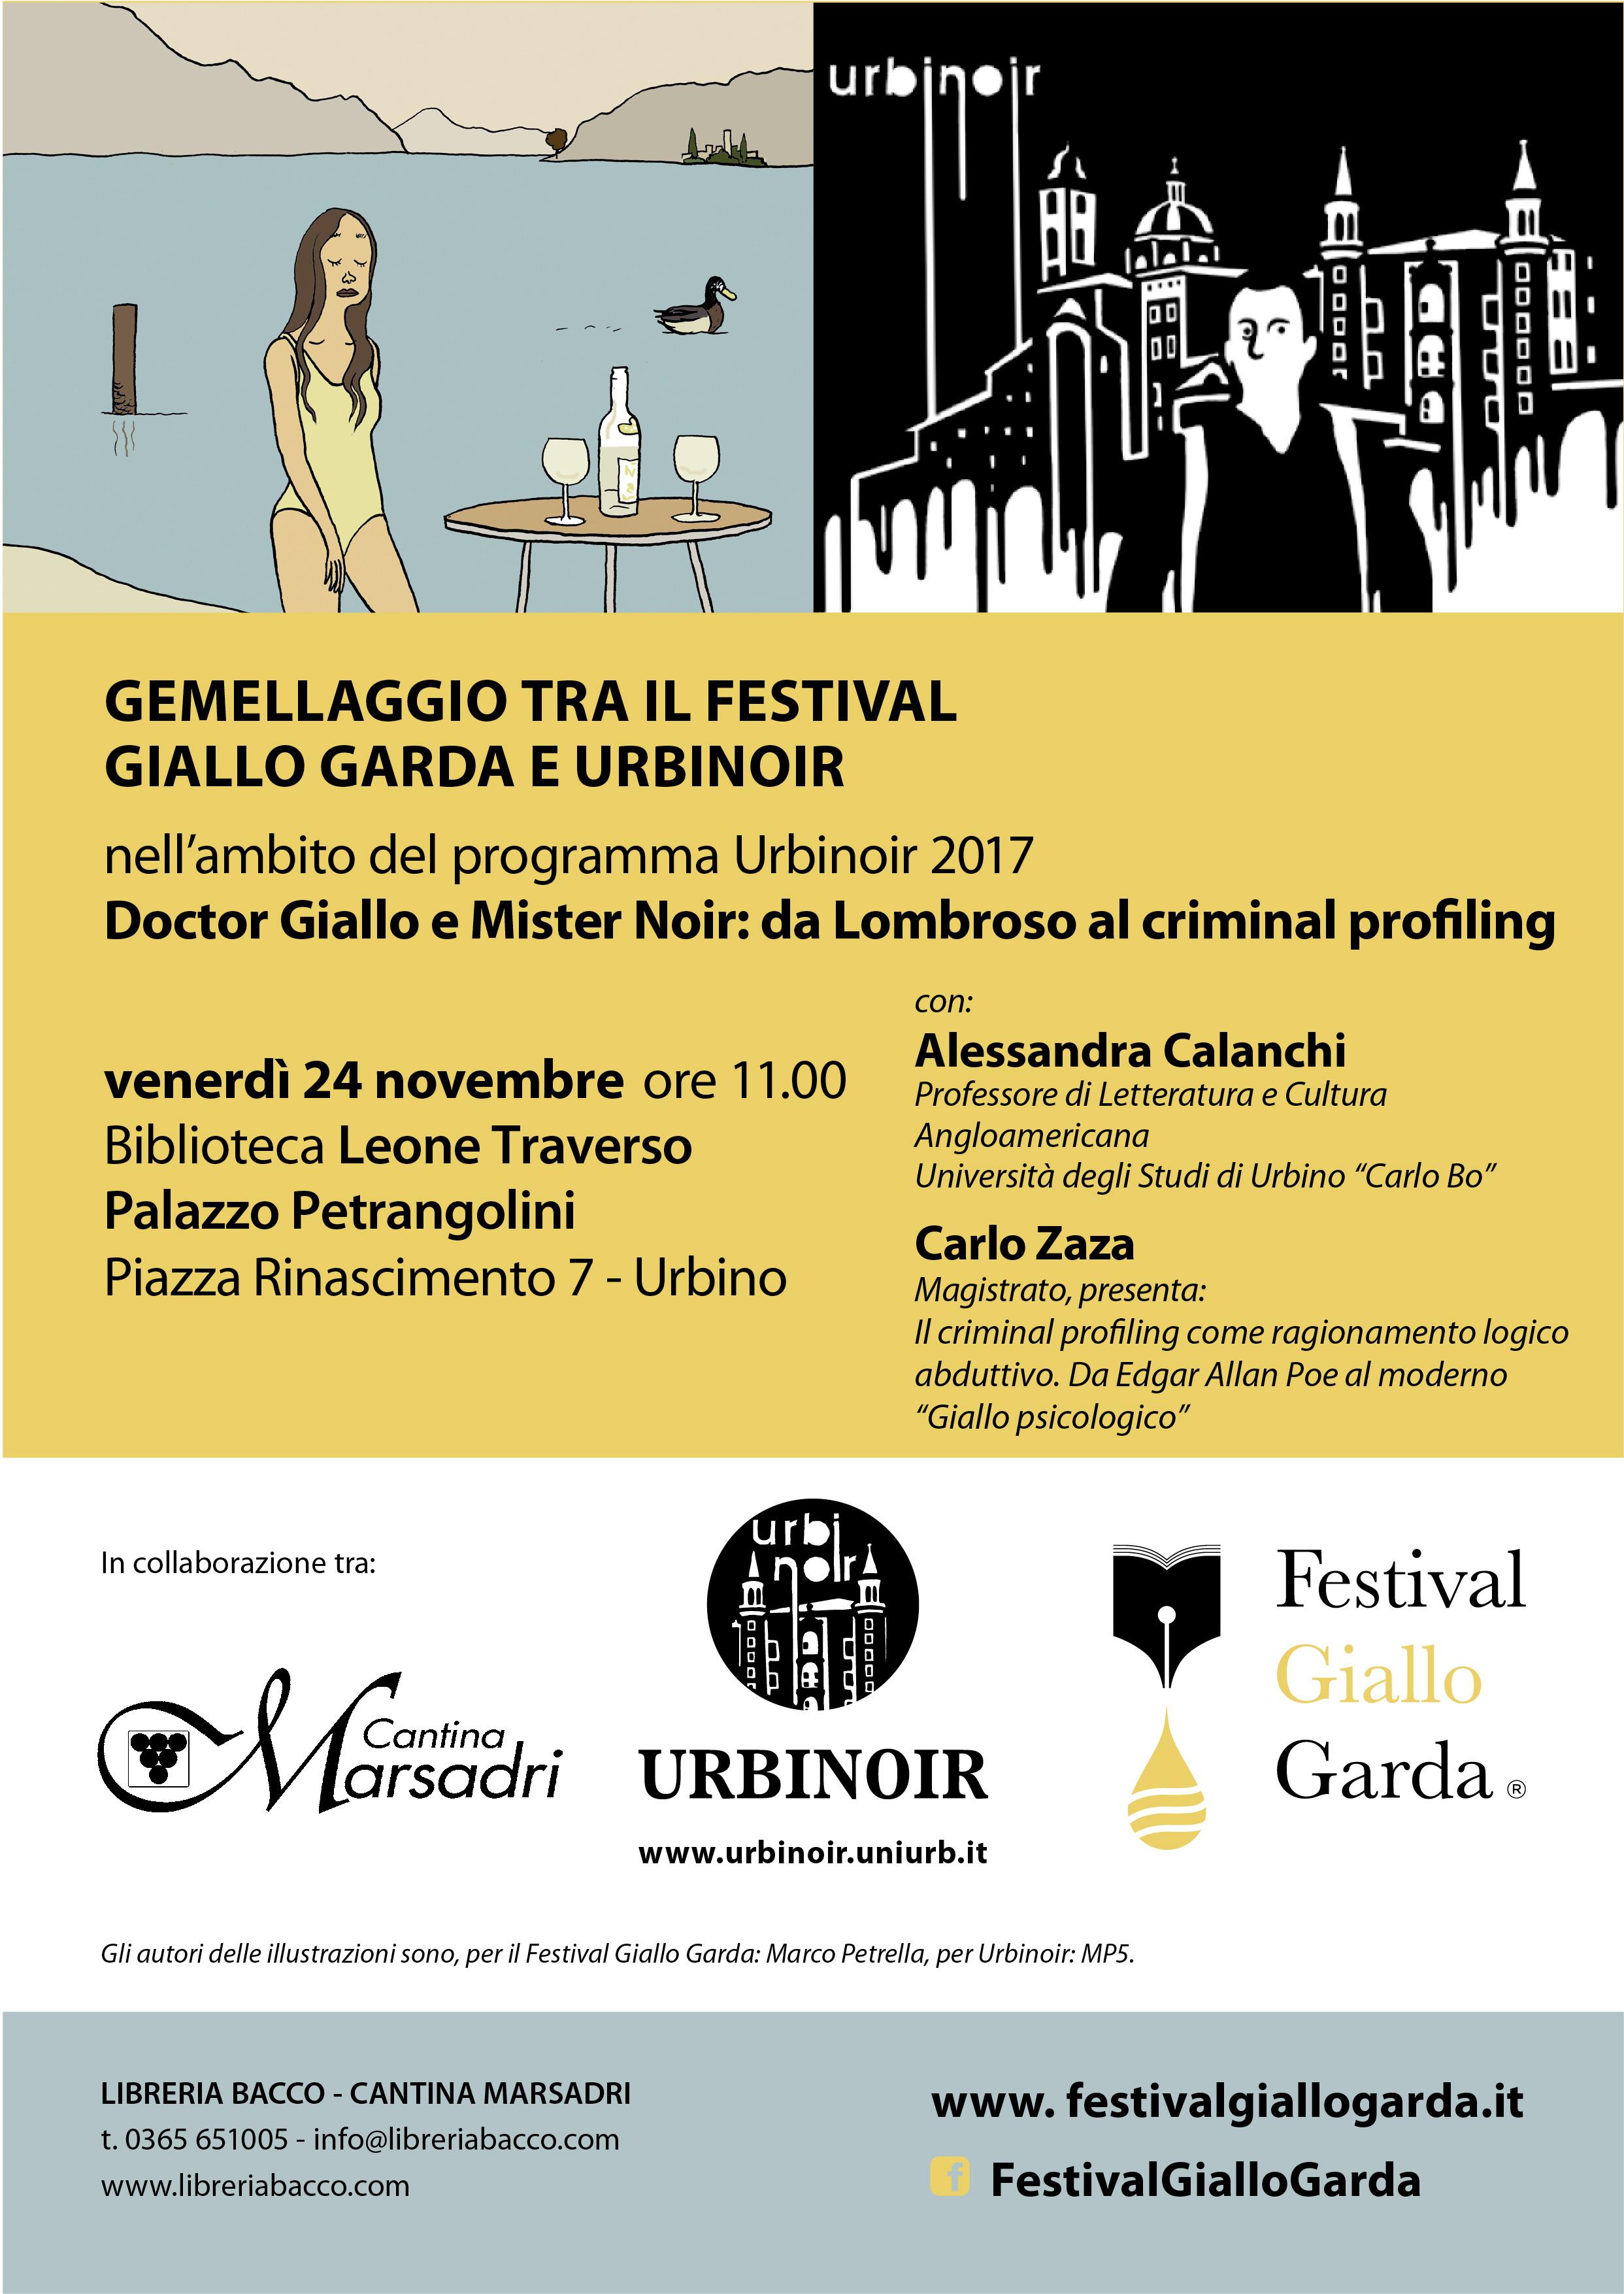 Urbinoir 2017 - Festival Giallo Garda